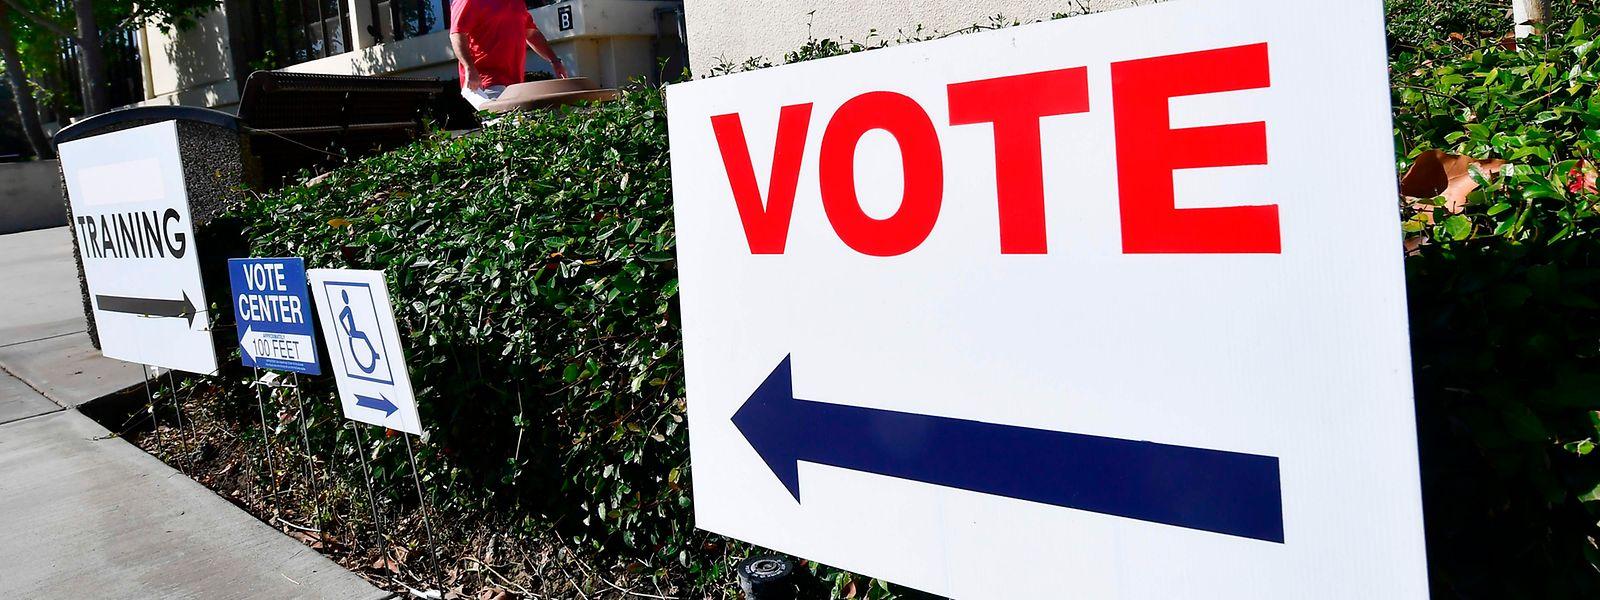 Aufgrund von Corona ist es in vielen US-Bundesstaaten möglich, vor dem 3. November zu wählen. Mehr als 17 Millionen US-Amerikaner haben bis Freitag bereits von dieser Möglichkeit profitiert.